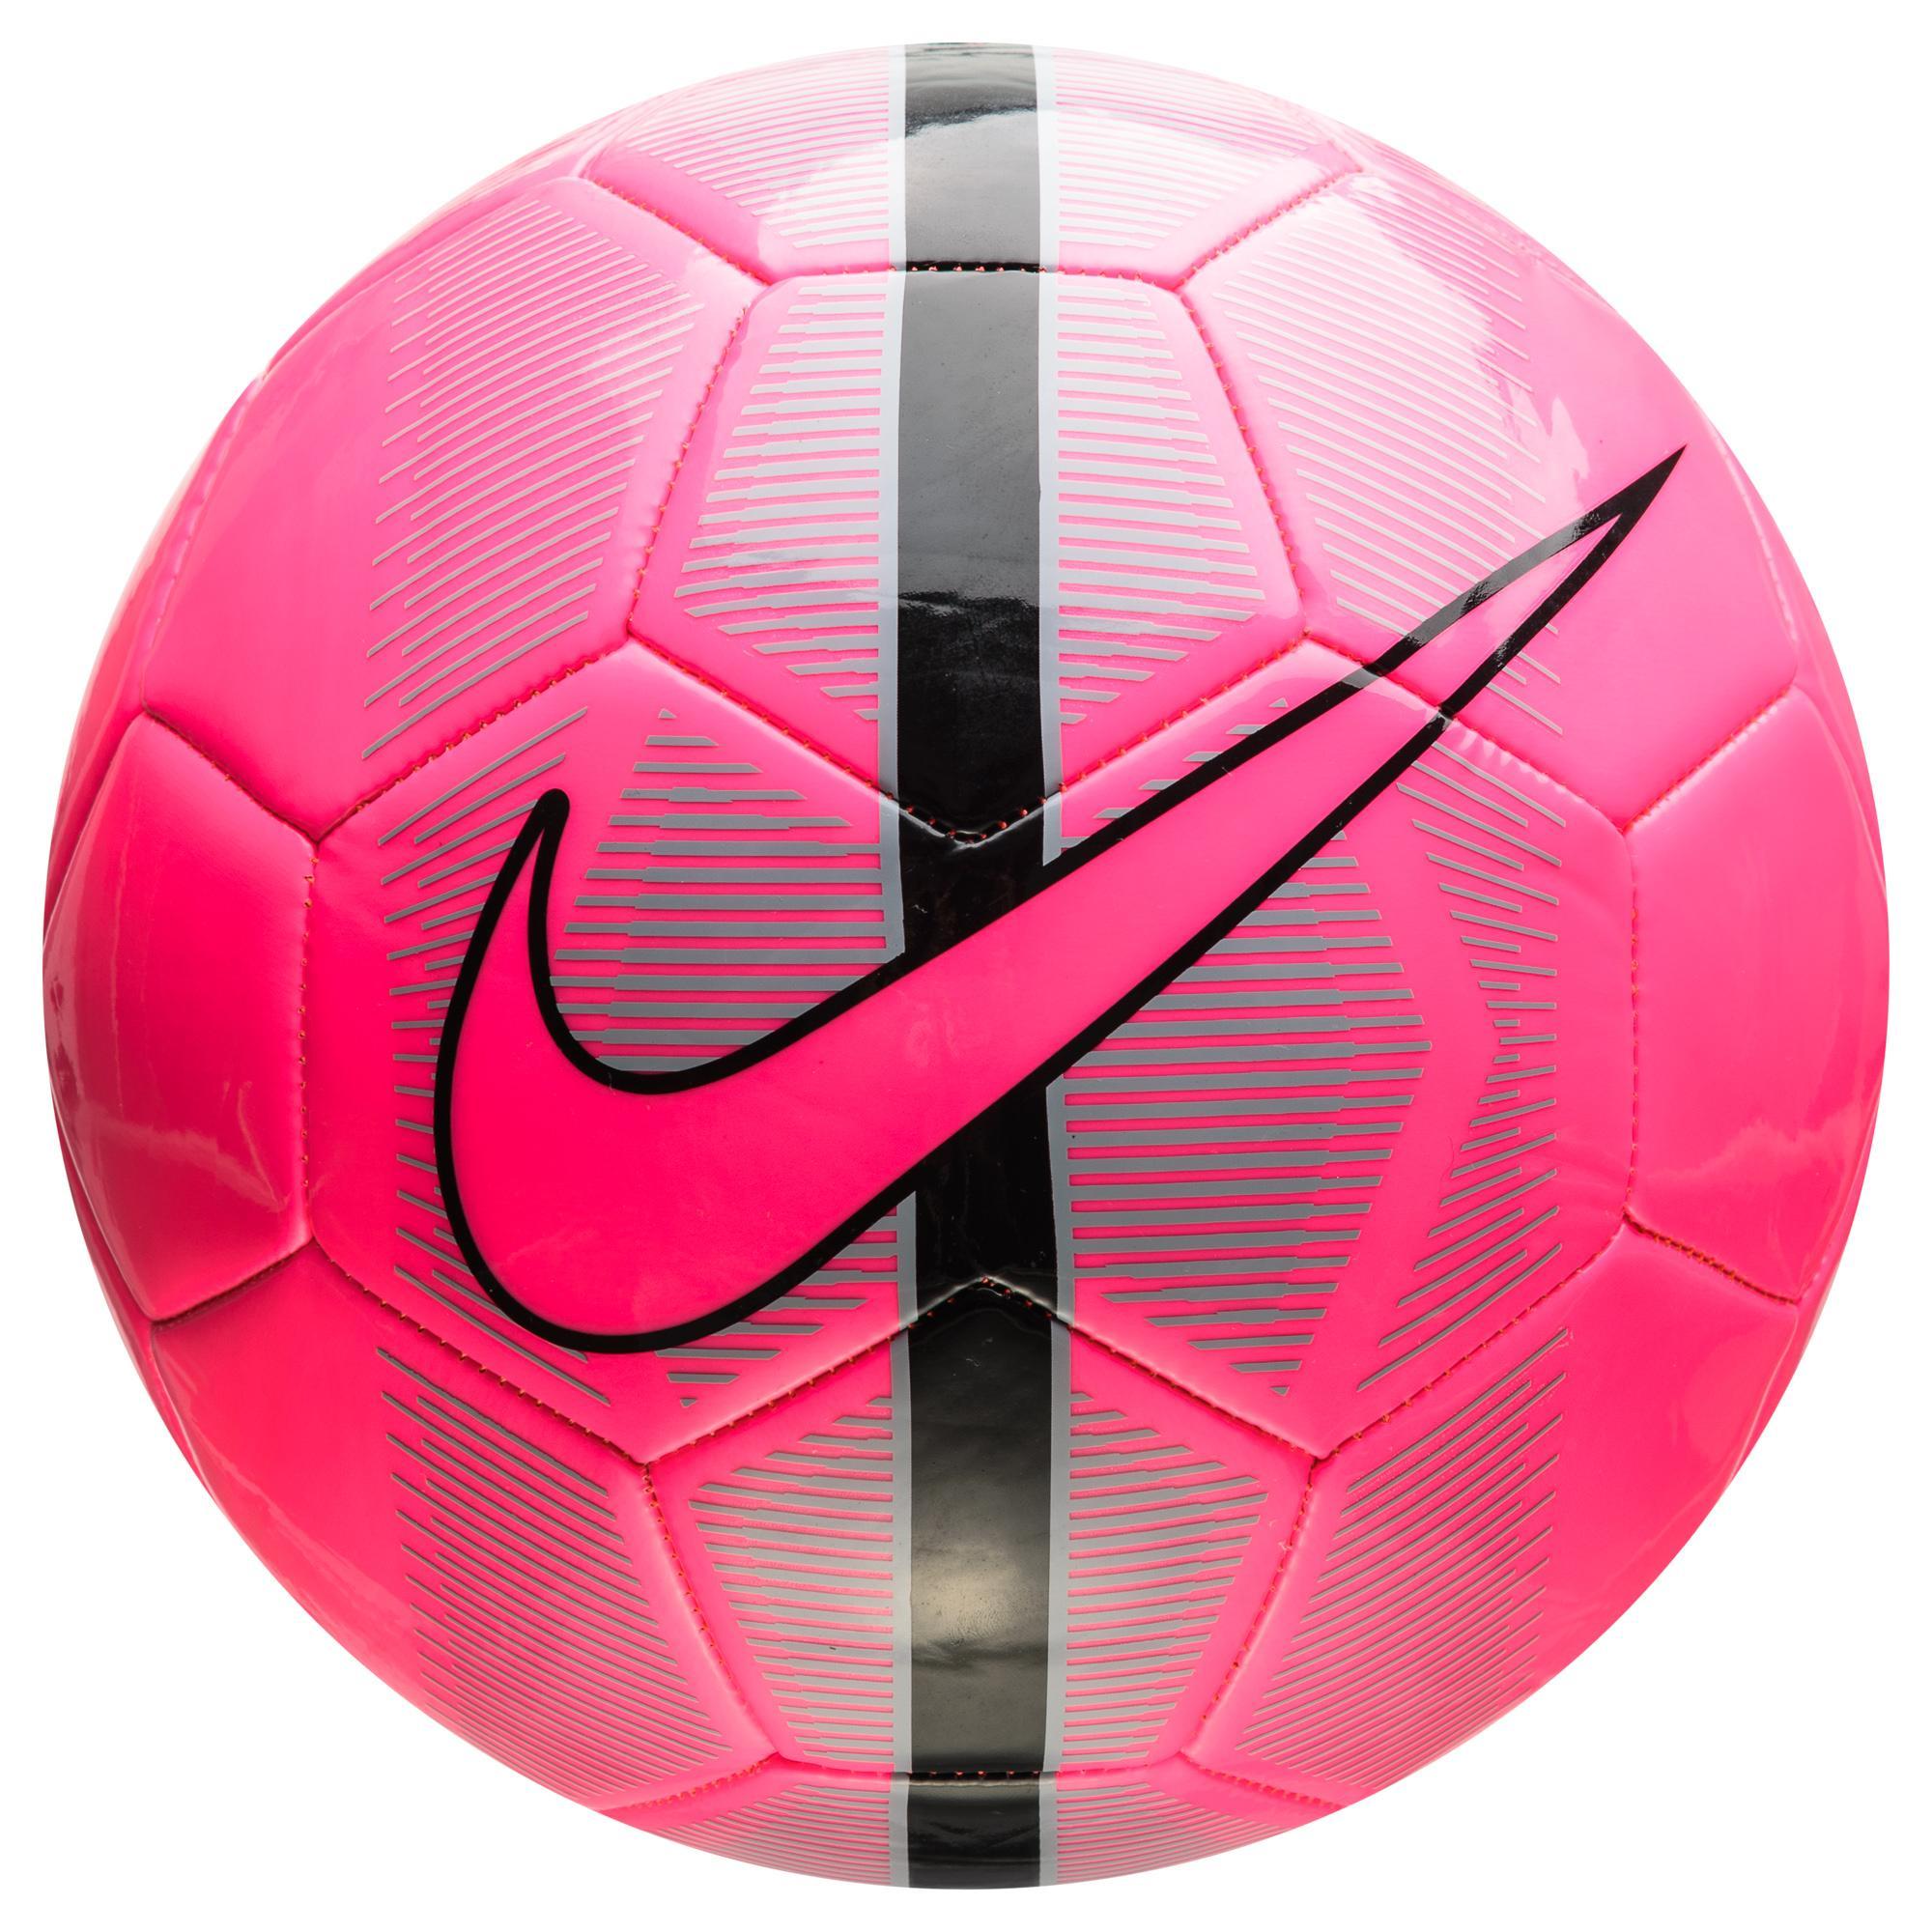 Nike Fotboll Mercurial Fade Rosa/Grå/Svart